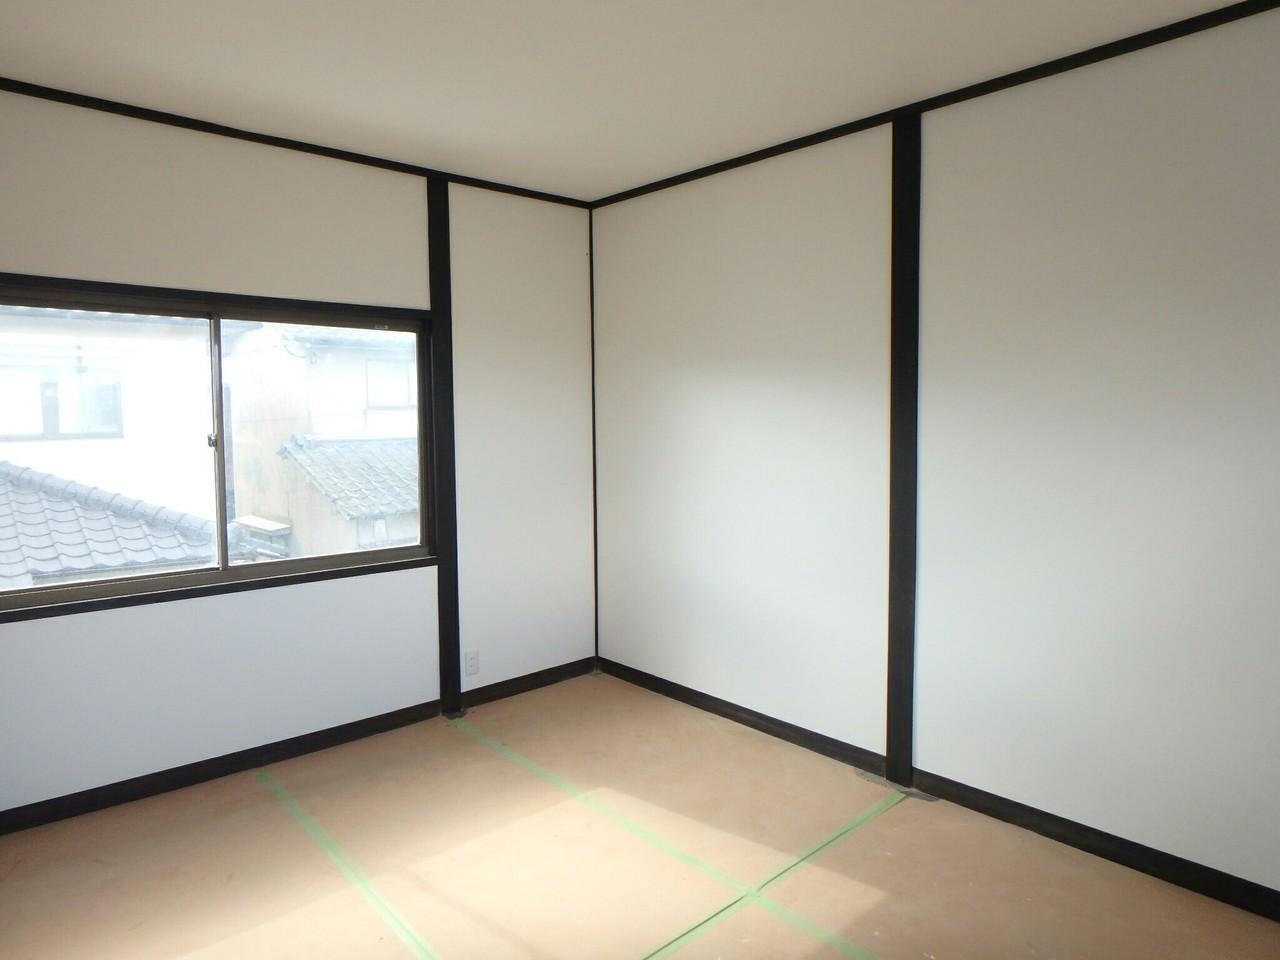 2階洋室も白を基調とした明るい雰囲気にリフォームされています。 2面採光なので、採光・風通しも良好です!